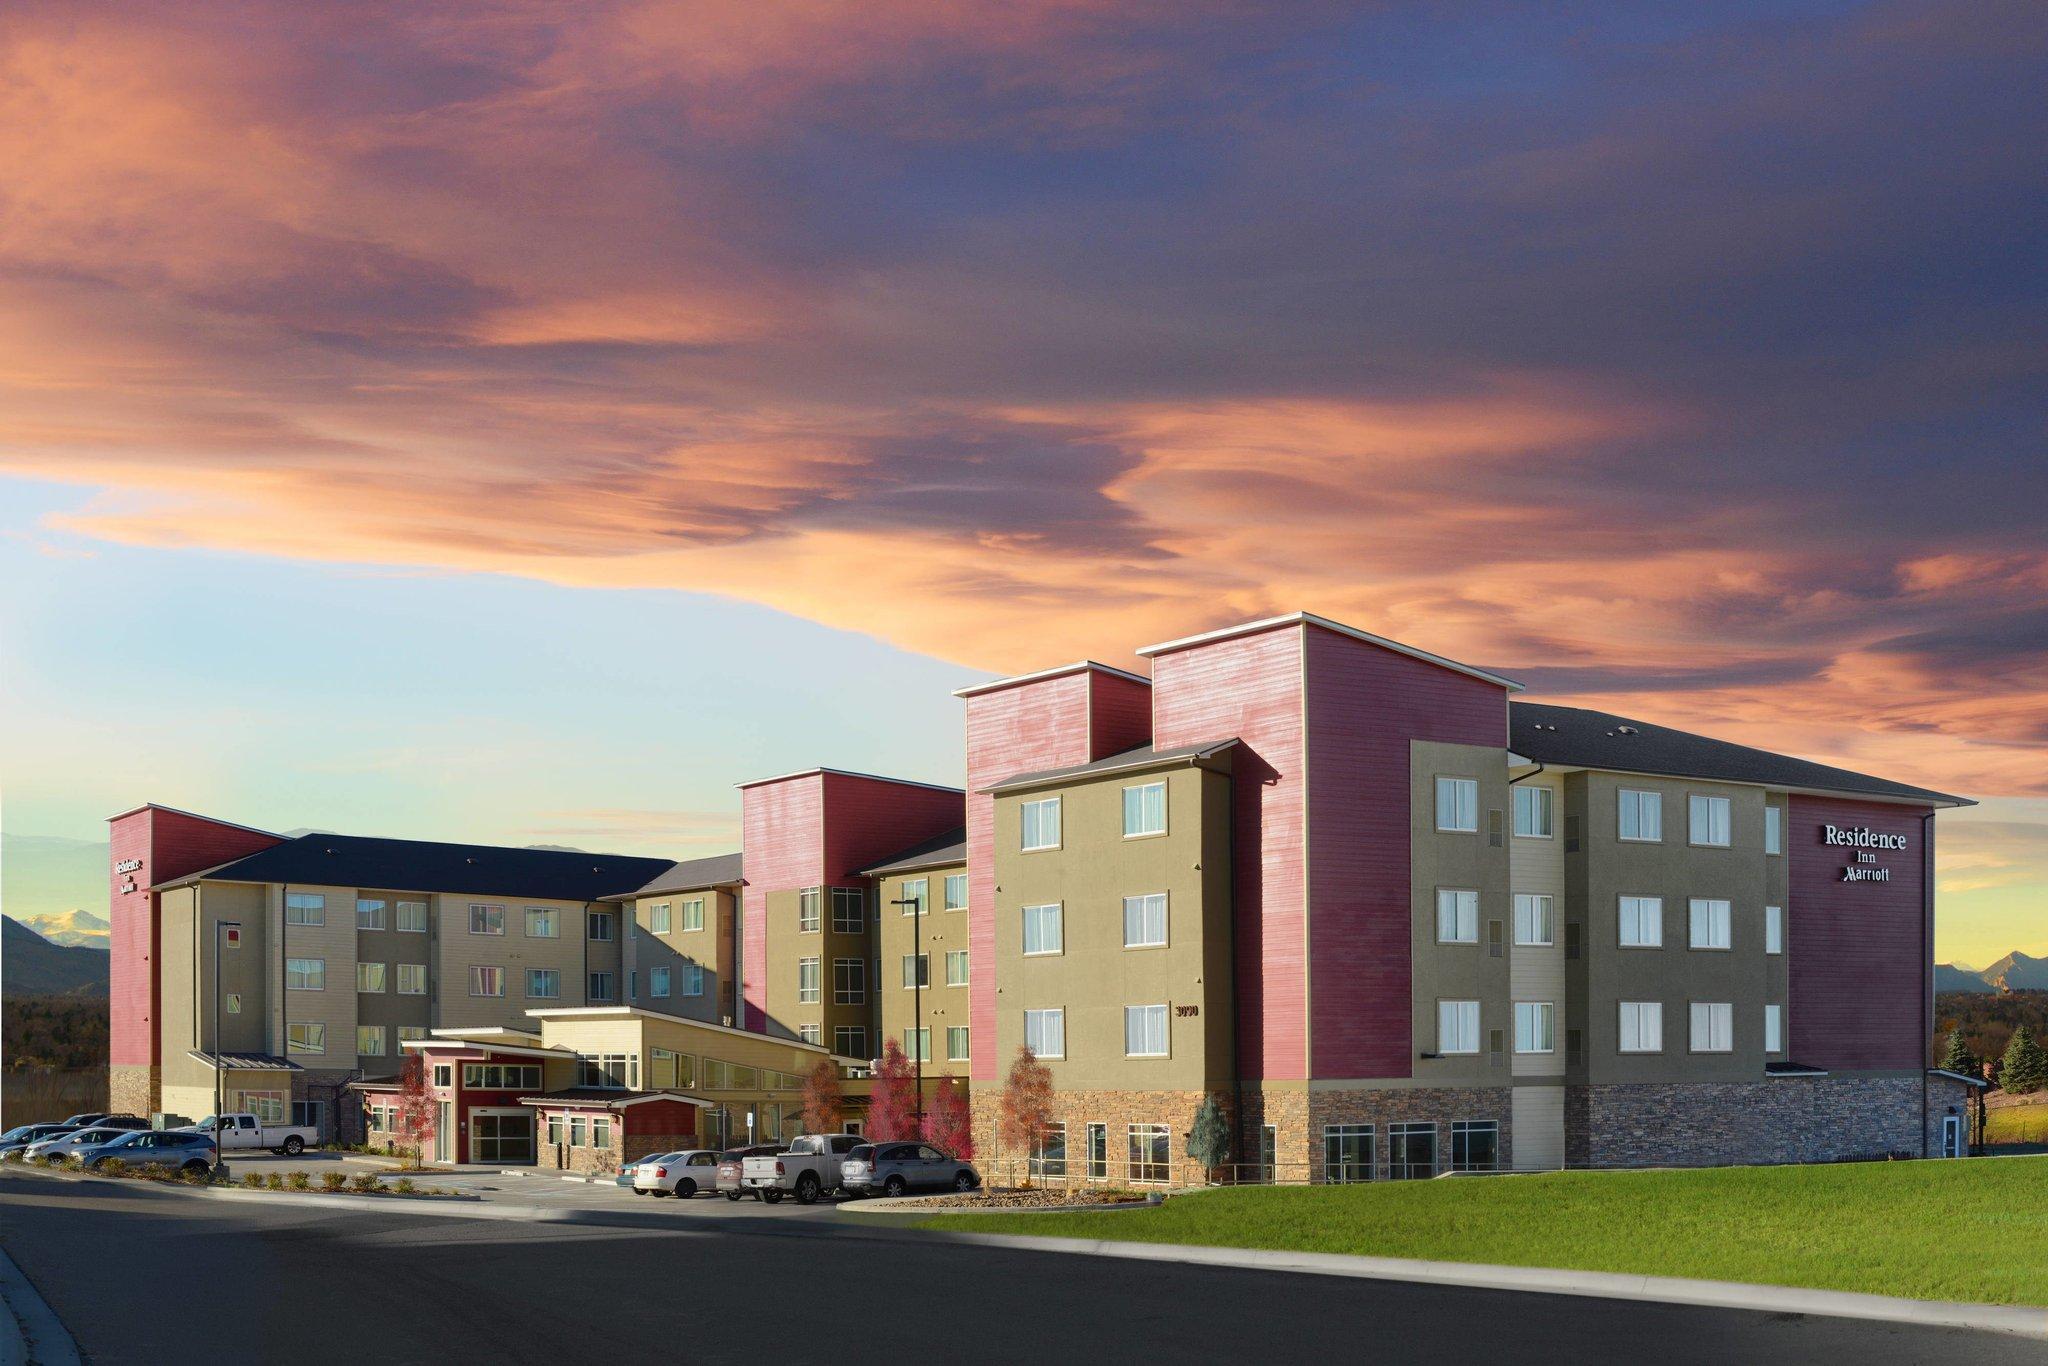 Residence Inn Denver Southwest Littleton